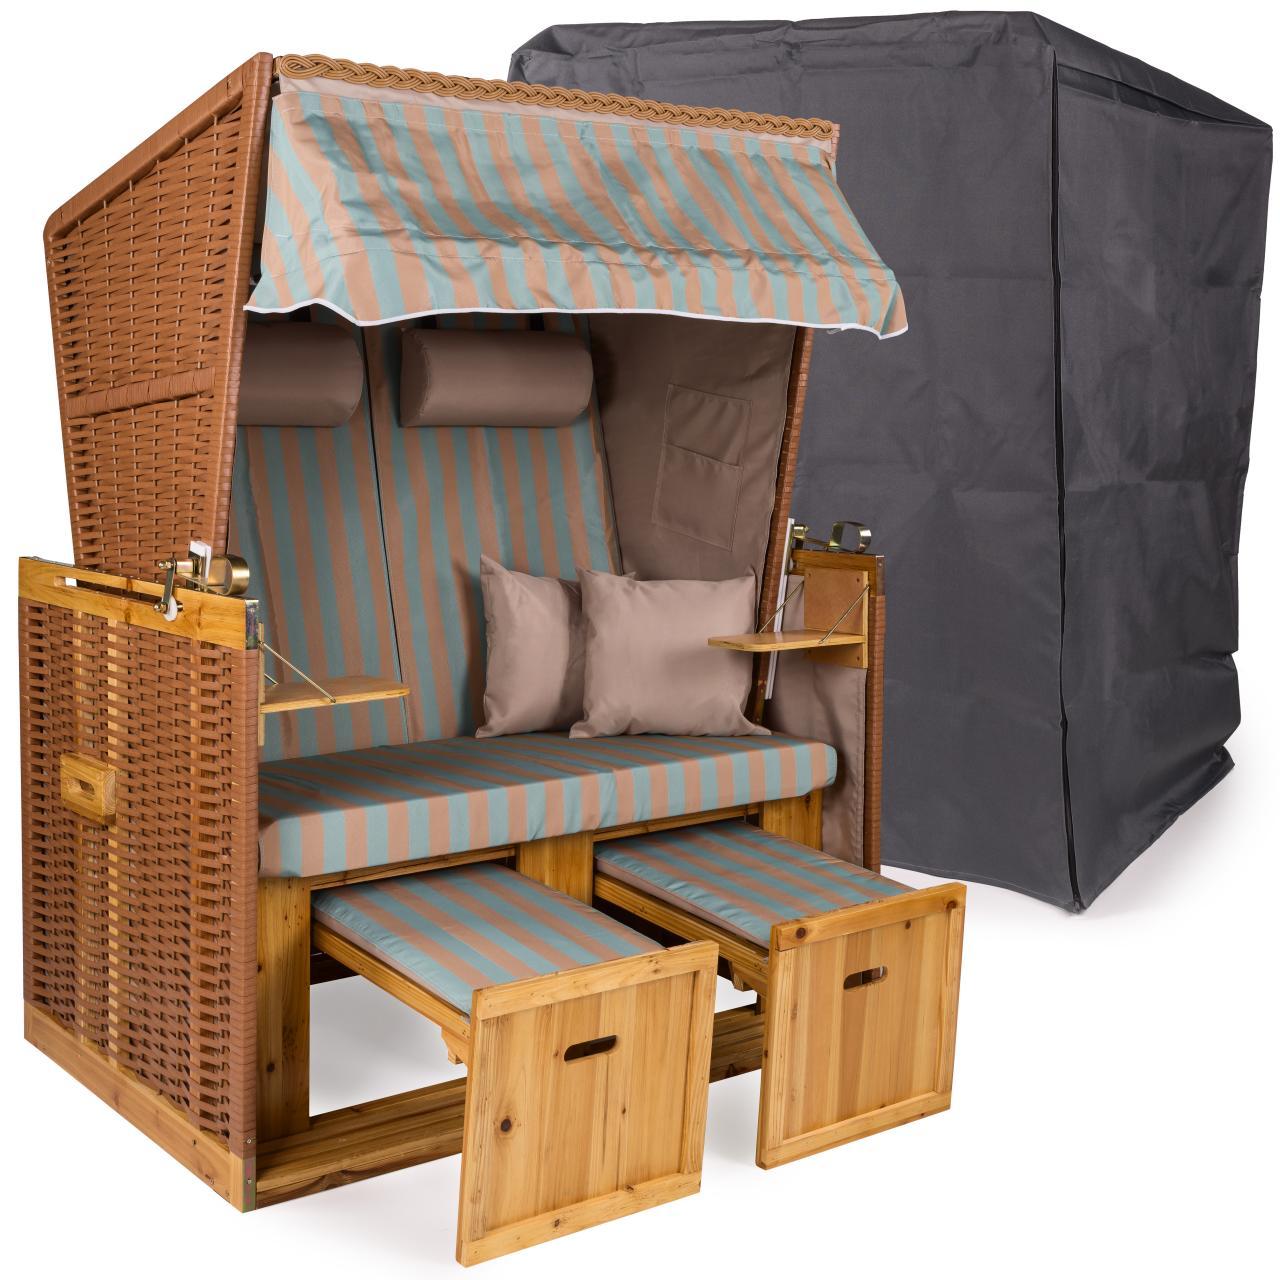 strandkorb xxl premium nordsee gartenliege sylt volllieger gartenm bel rattan ebay. Black Bedroom Furniture Sets. Home Design Ideas